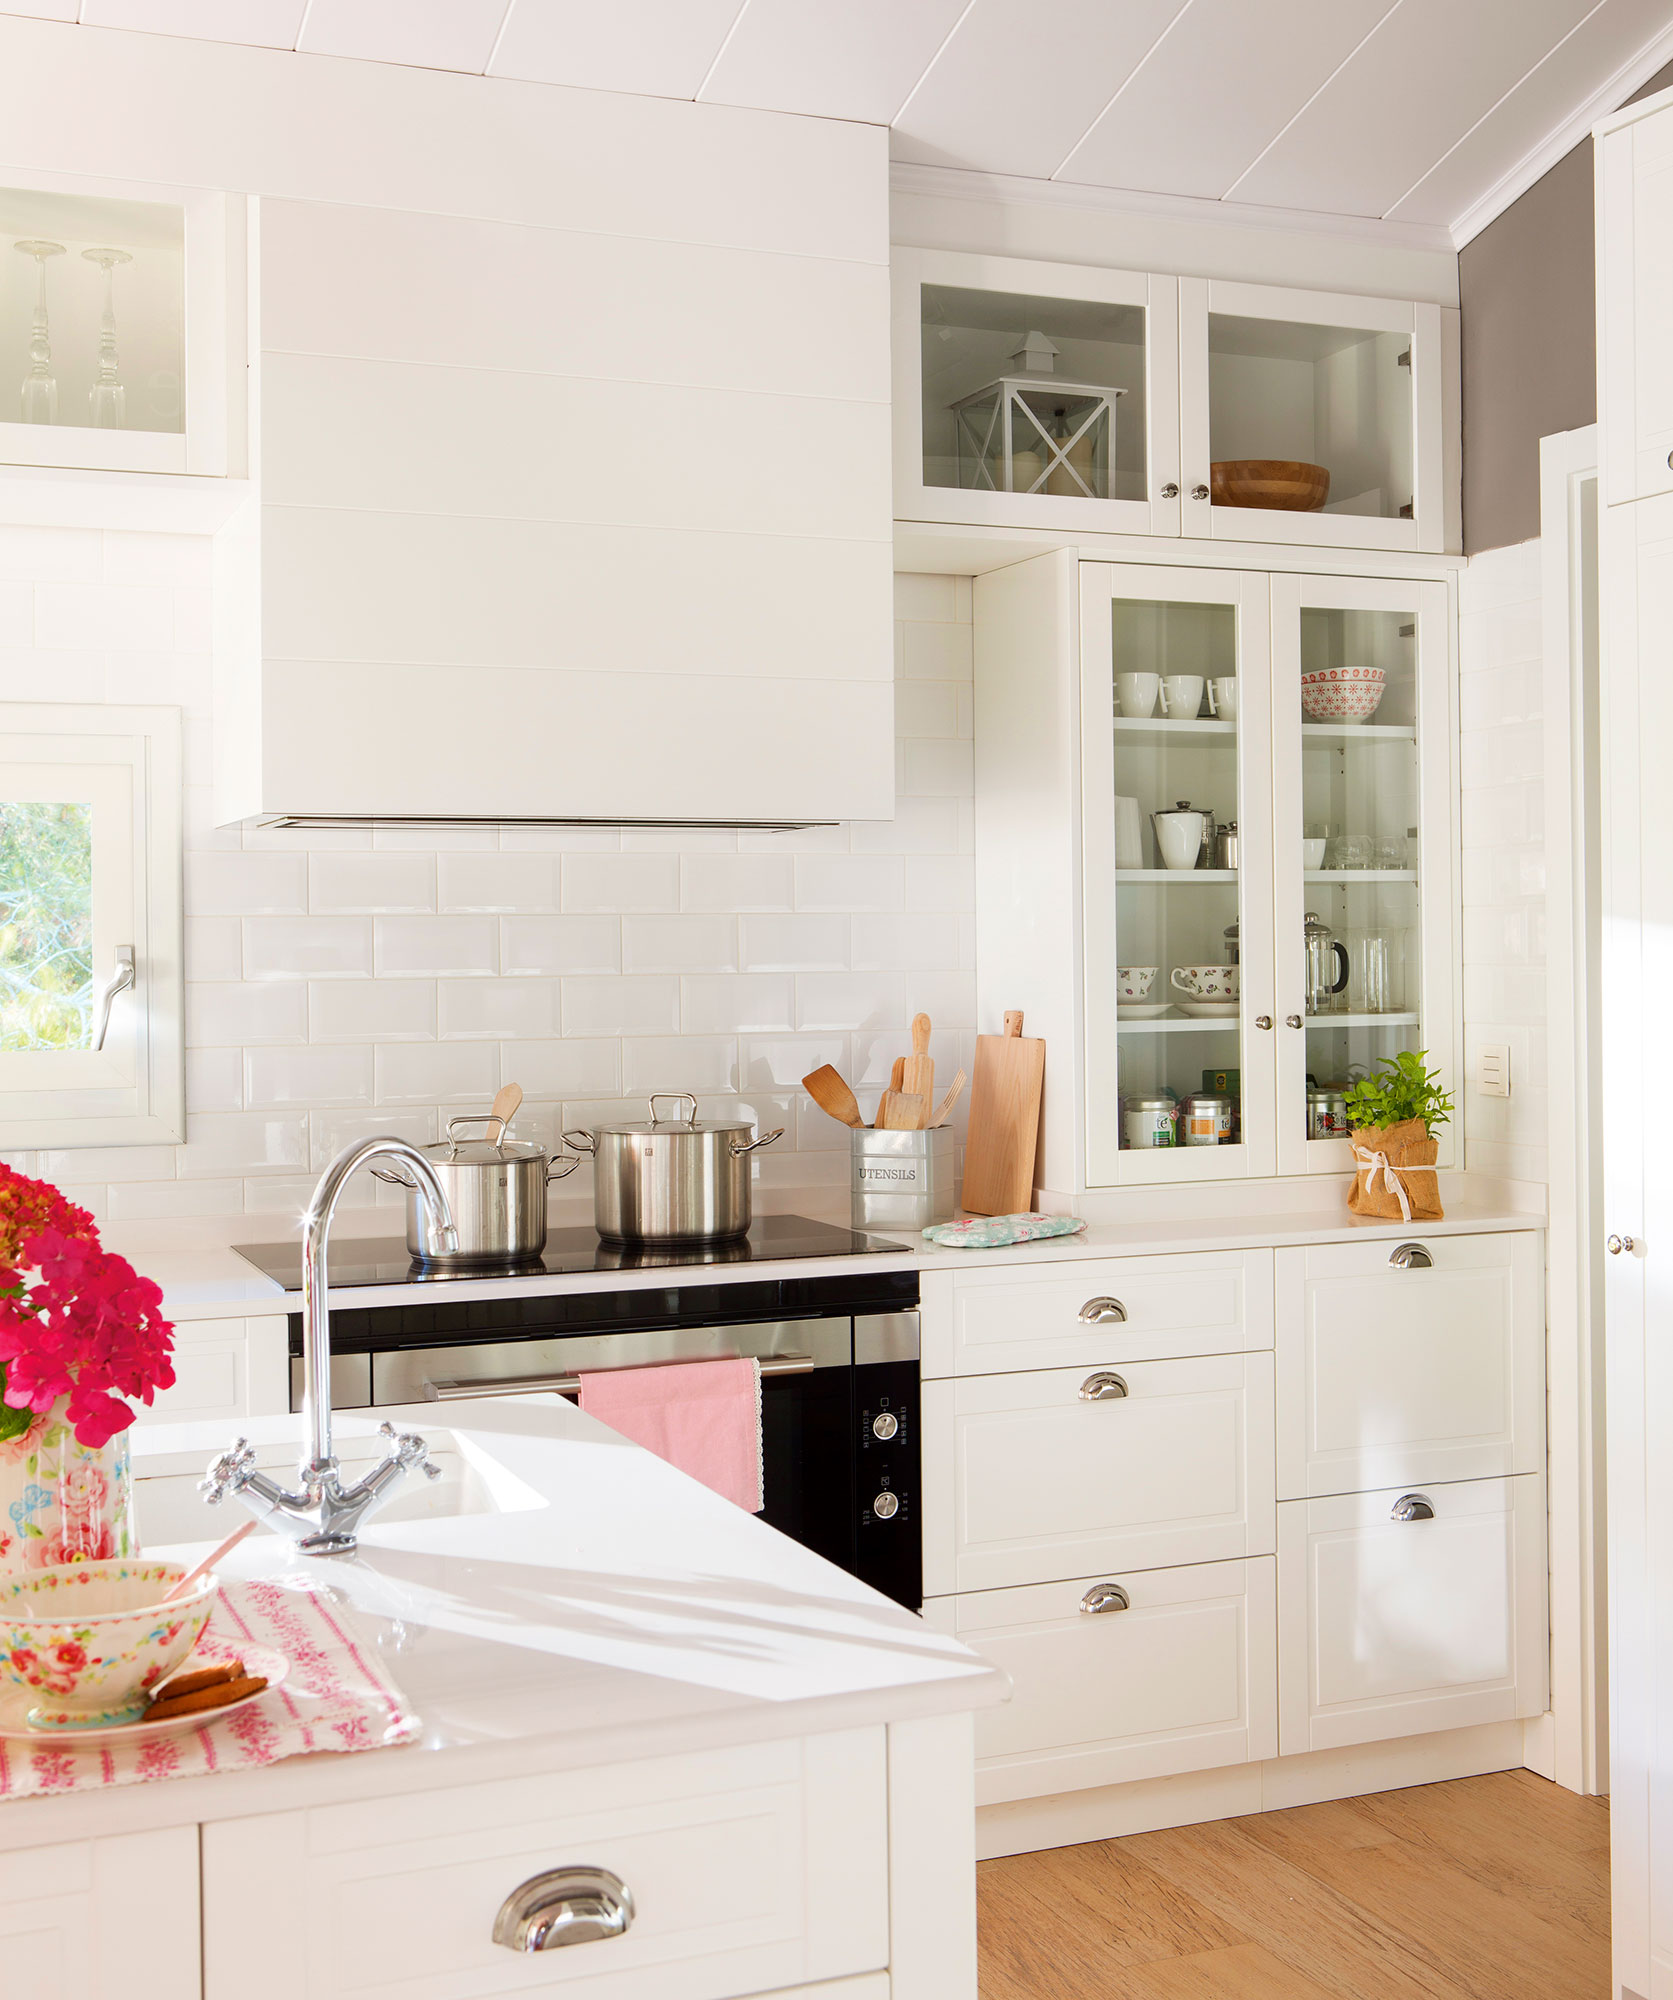 Cocinas en blanco una apuesta atemporal y muy luminosa for Cocina blanca electrodomesticos blancos